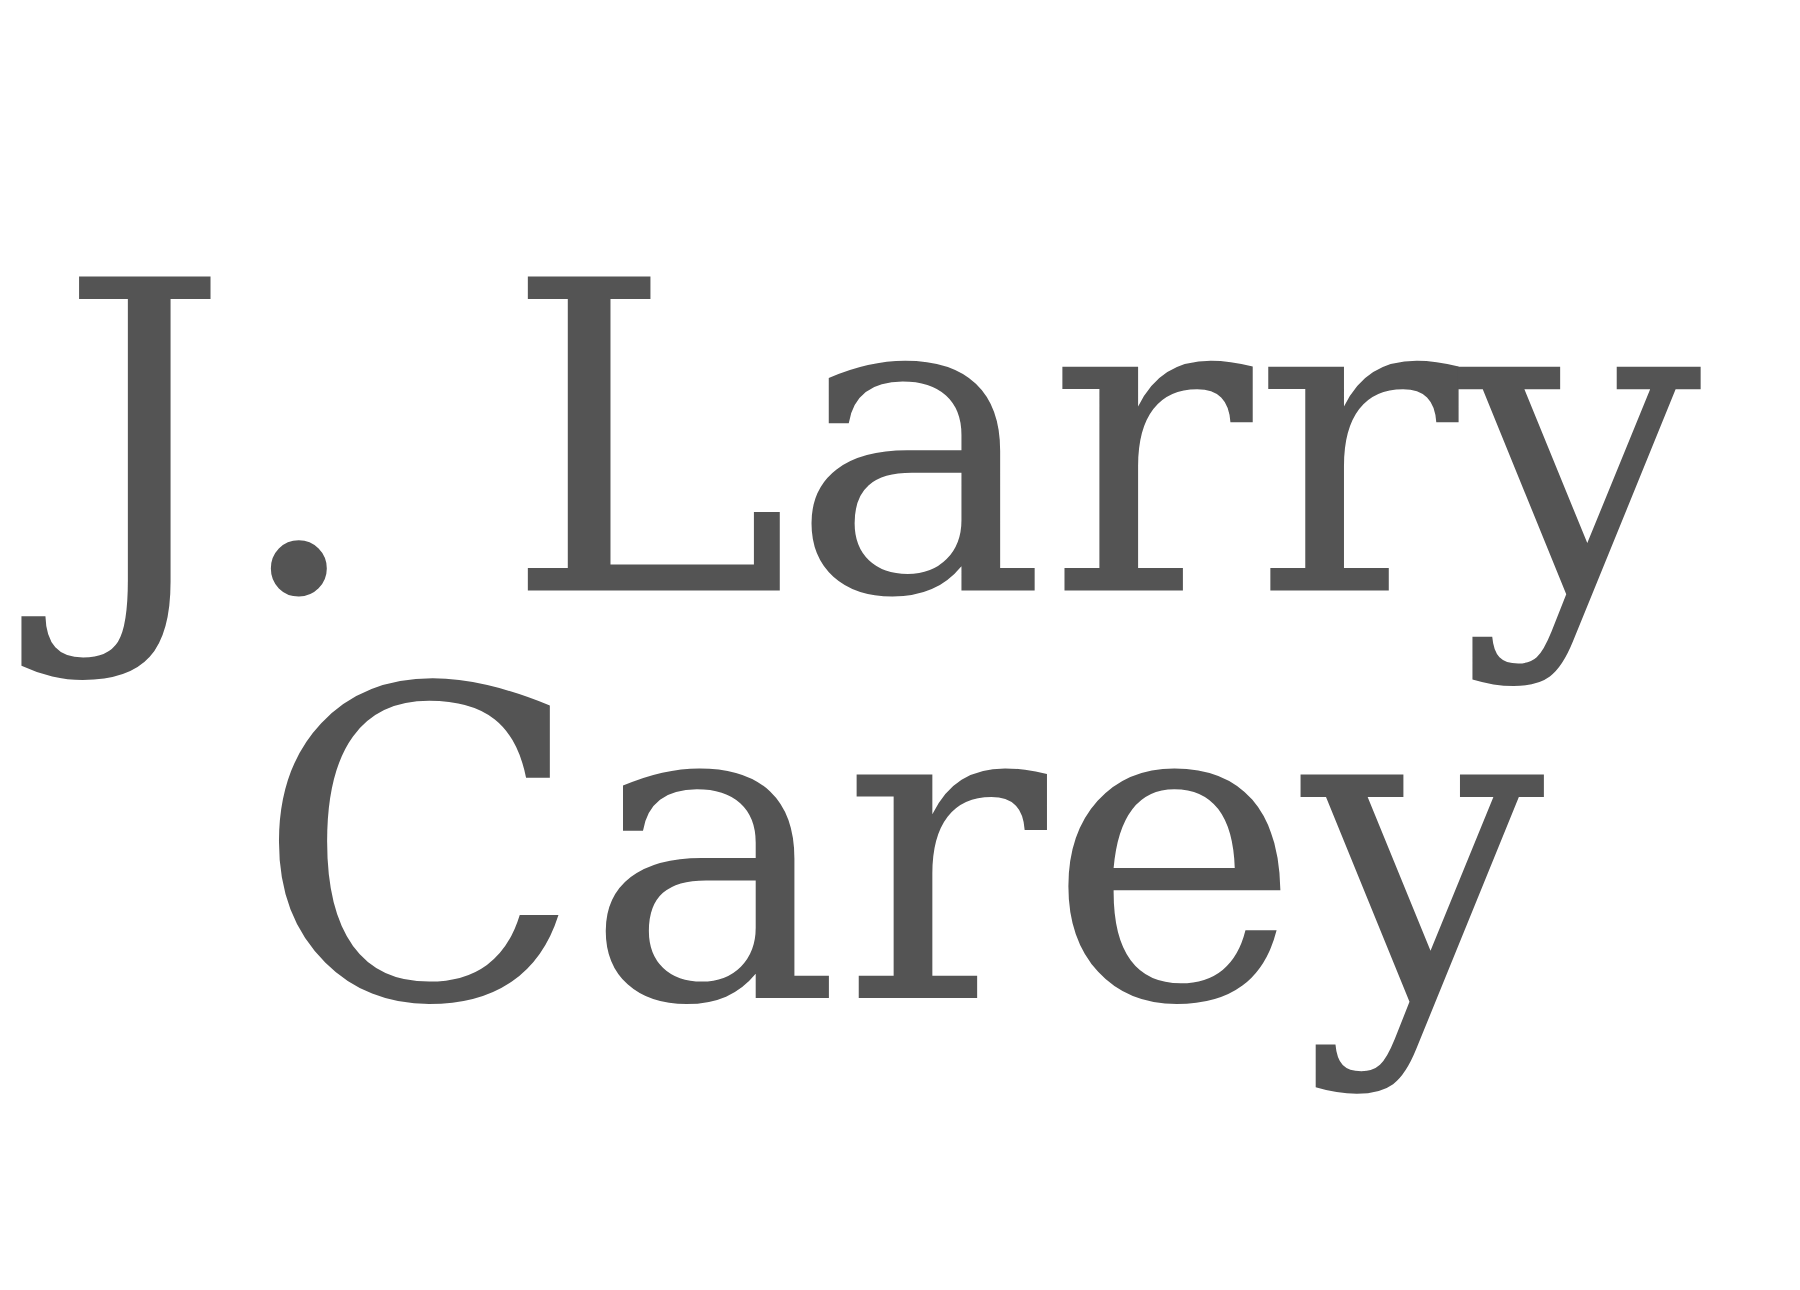 J.Larry Carey- DOP |  Lighting Cameraman | Videographer